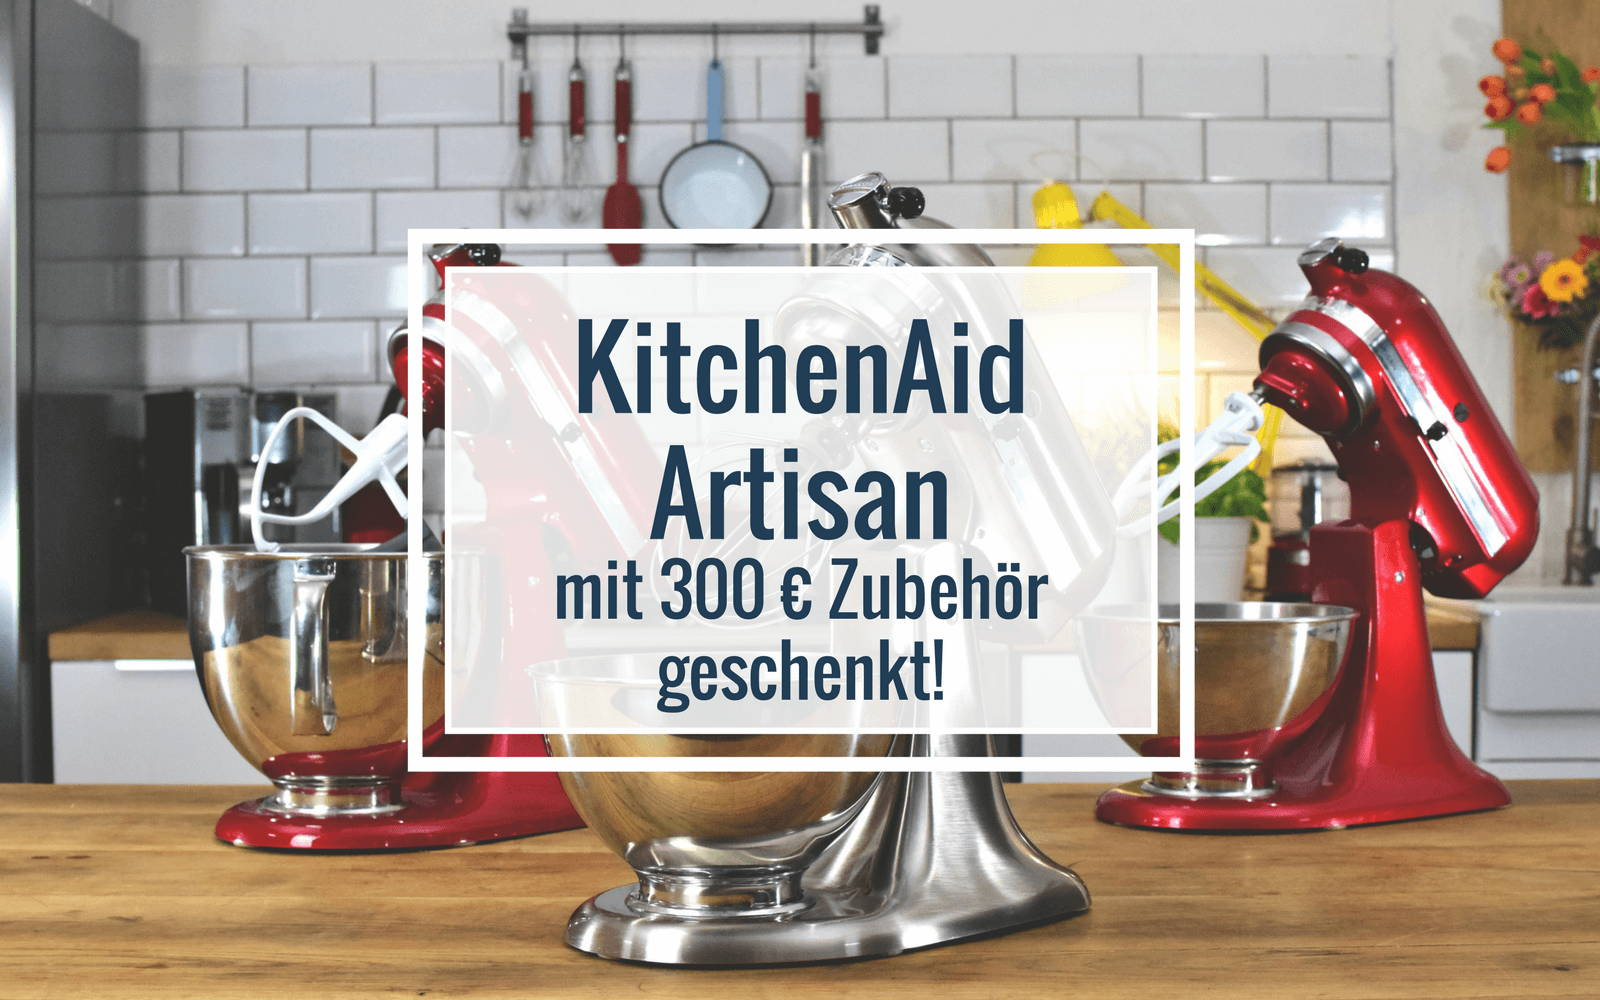 KitchenAid mit gratis Zubehör